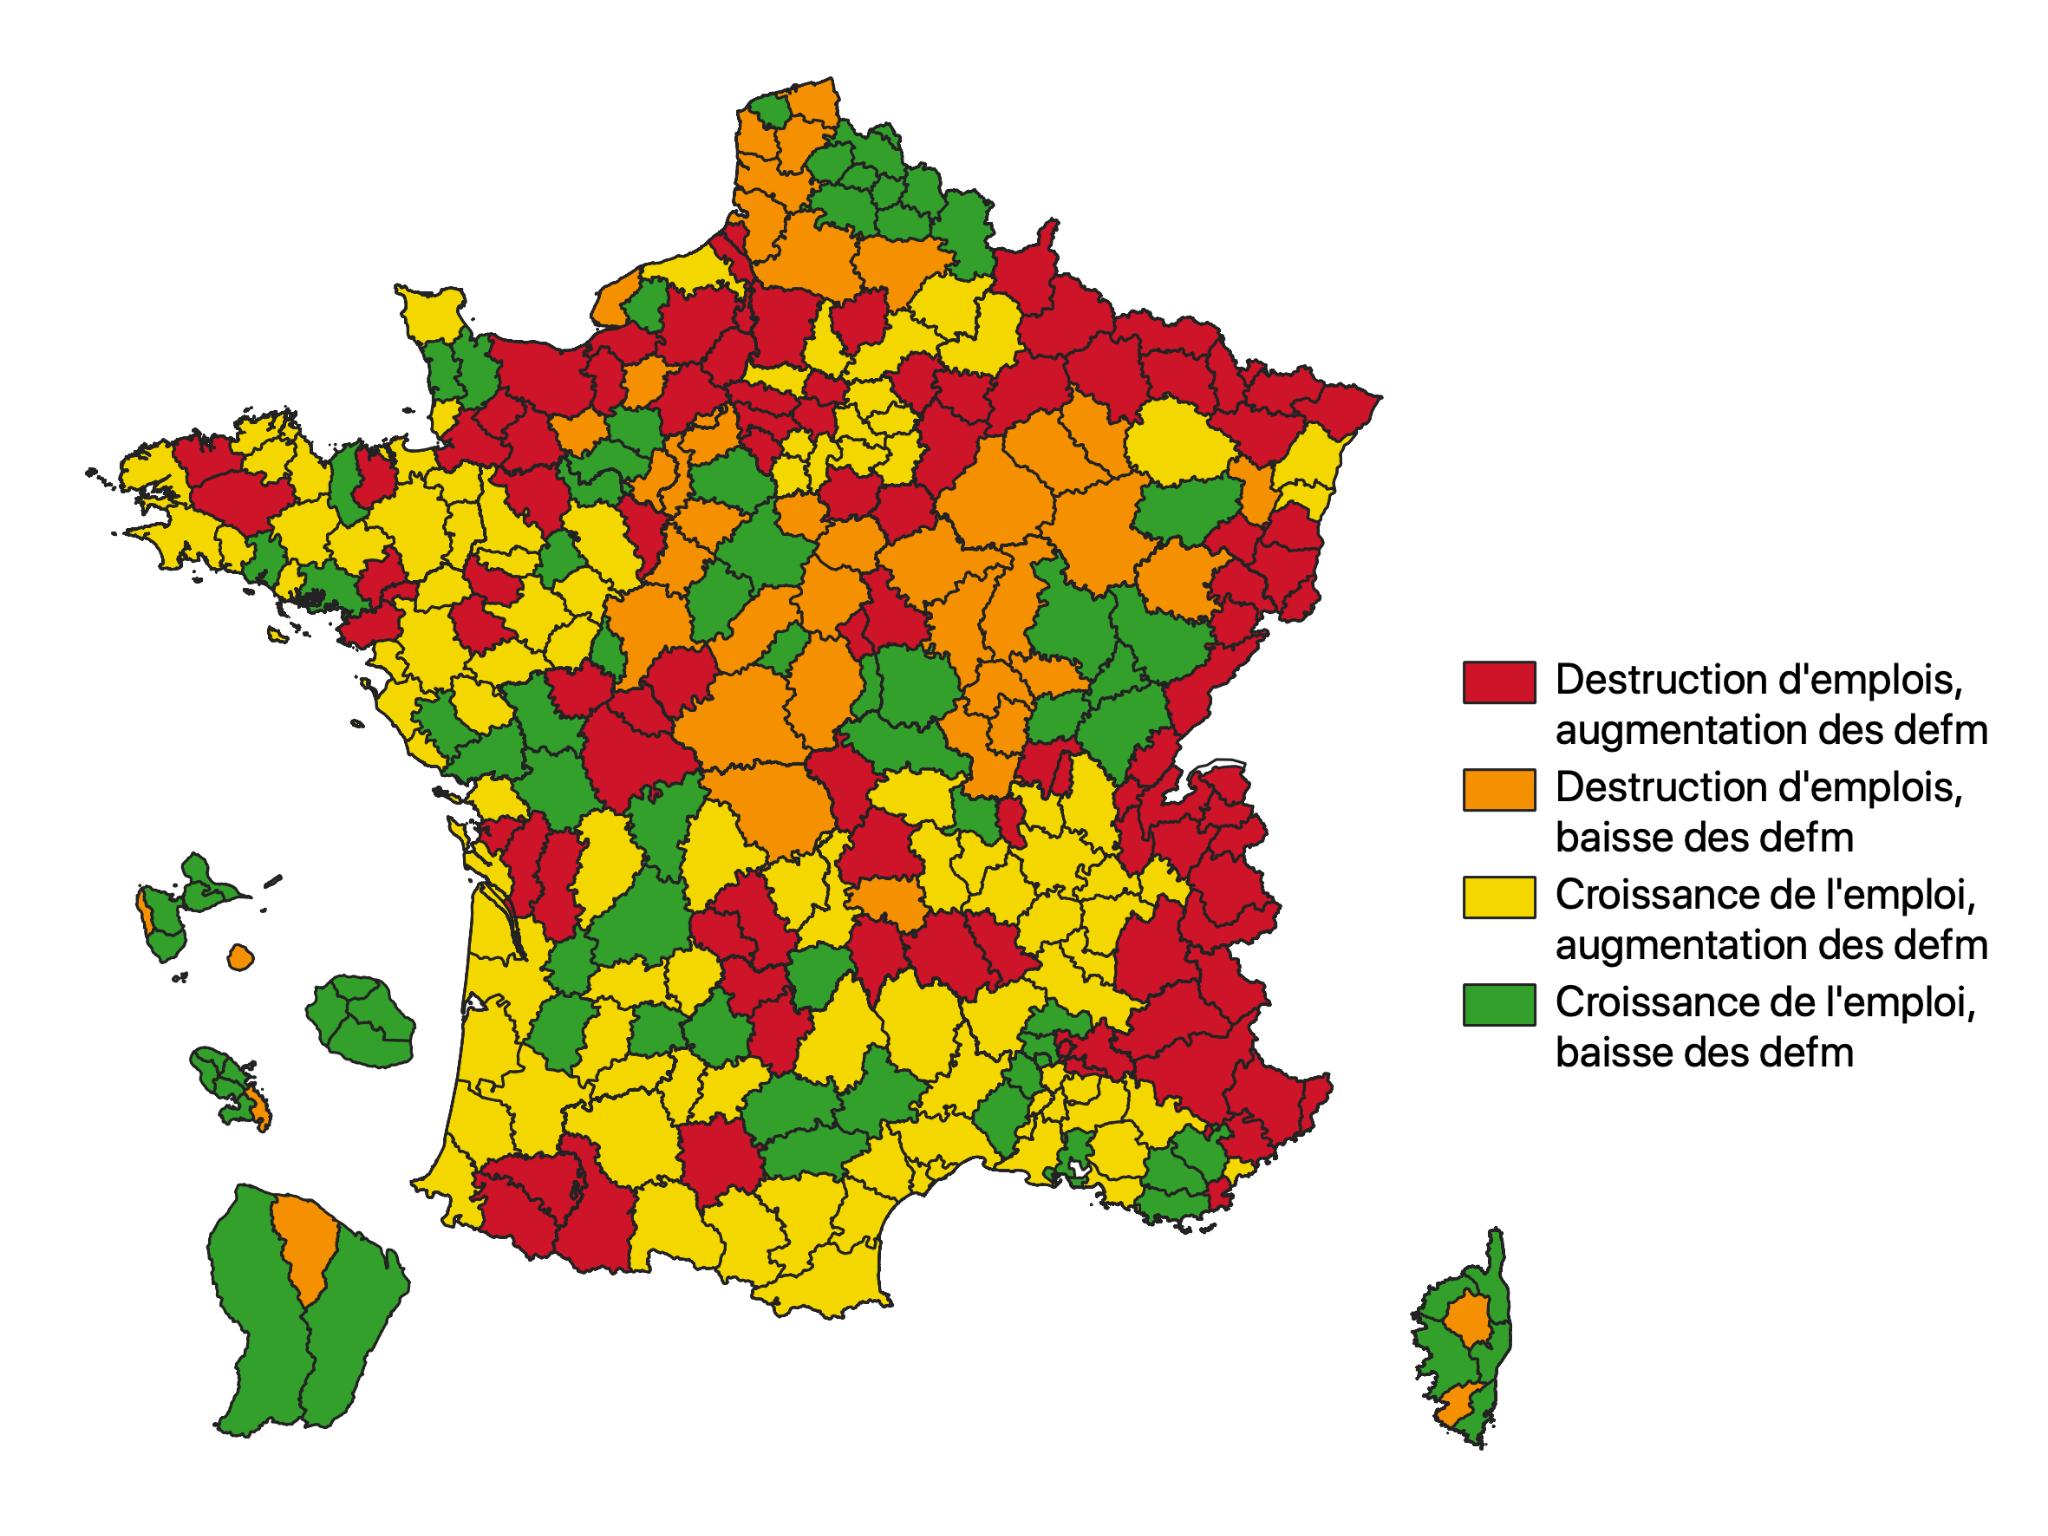 Géographie de la crise - Carte 5